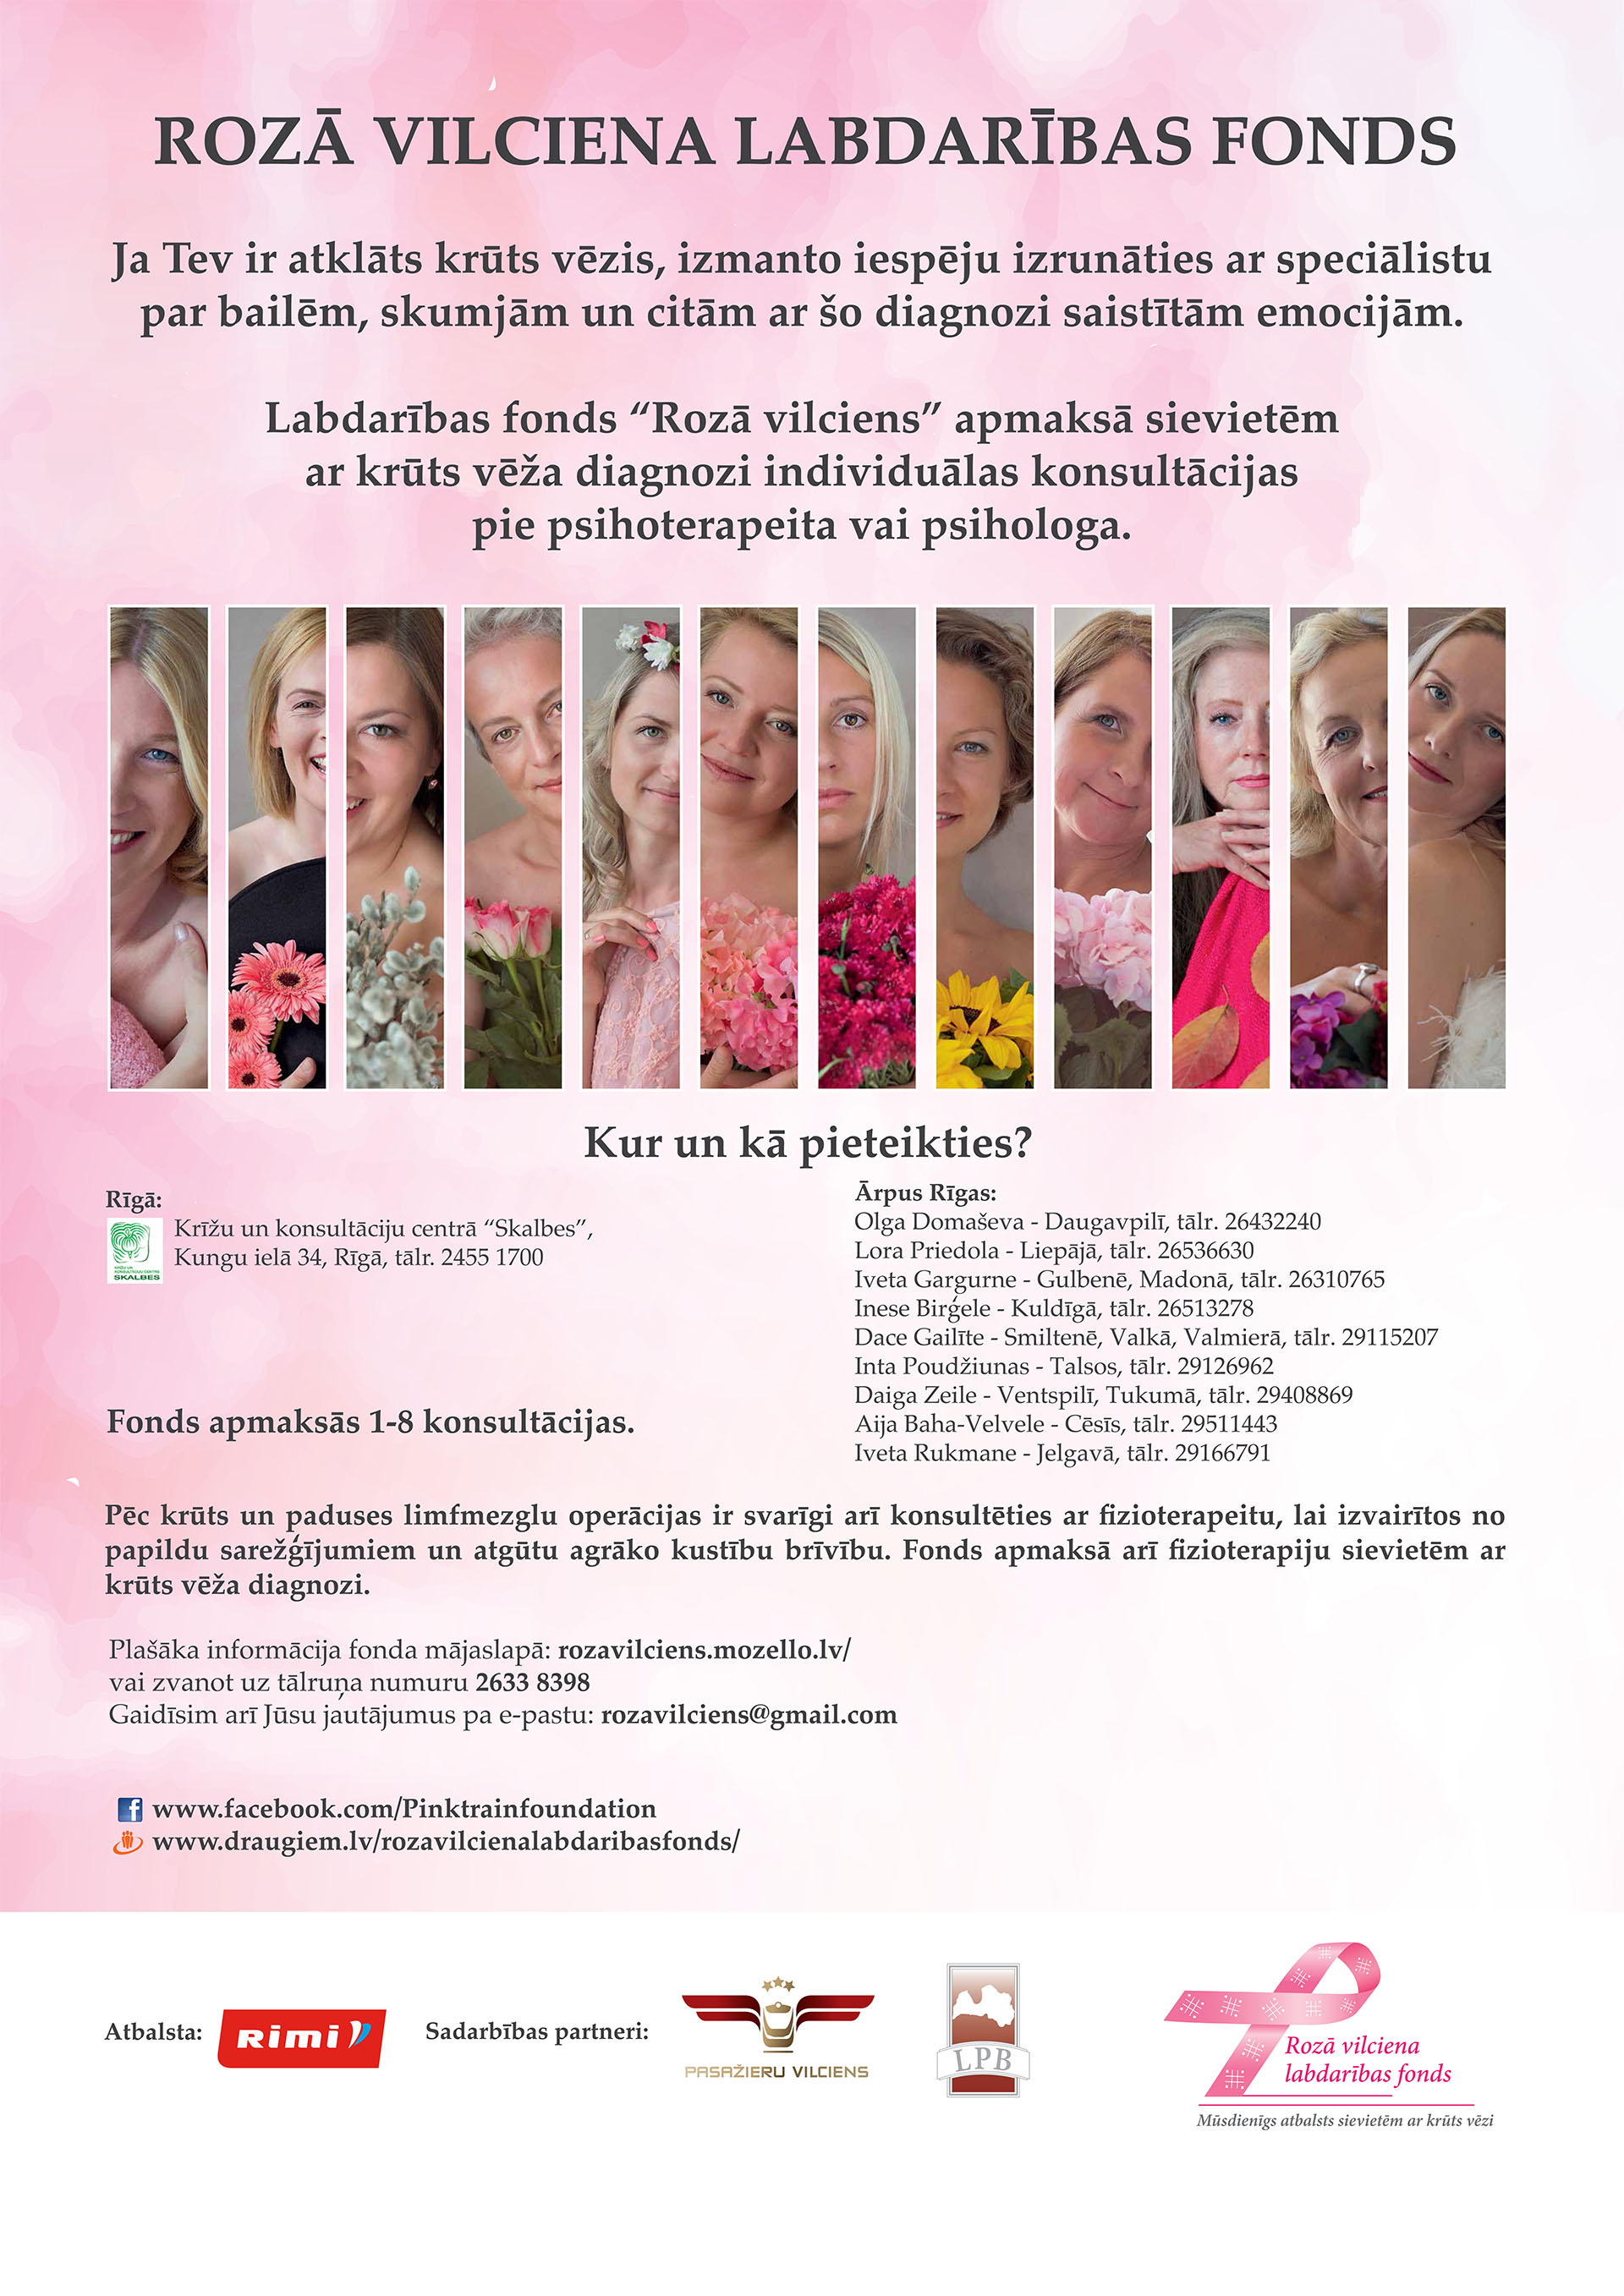 Roza-vilciens_Plakats-LowRes_594x841 mm R